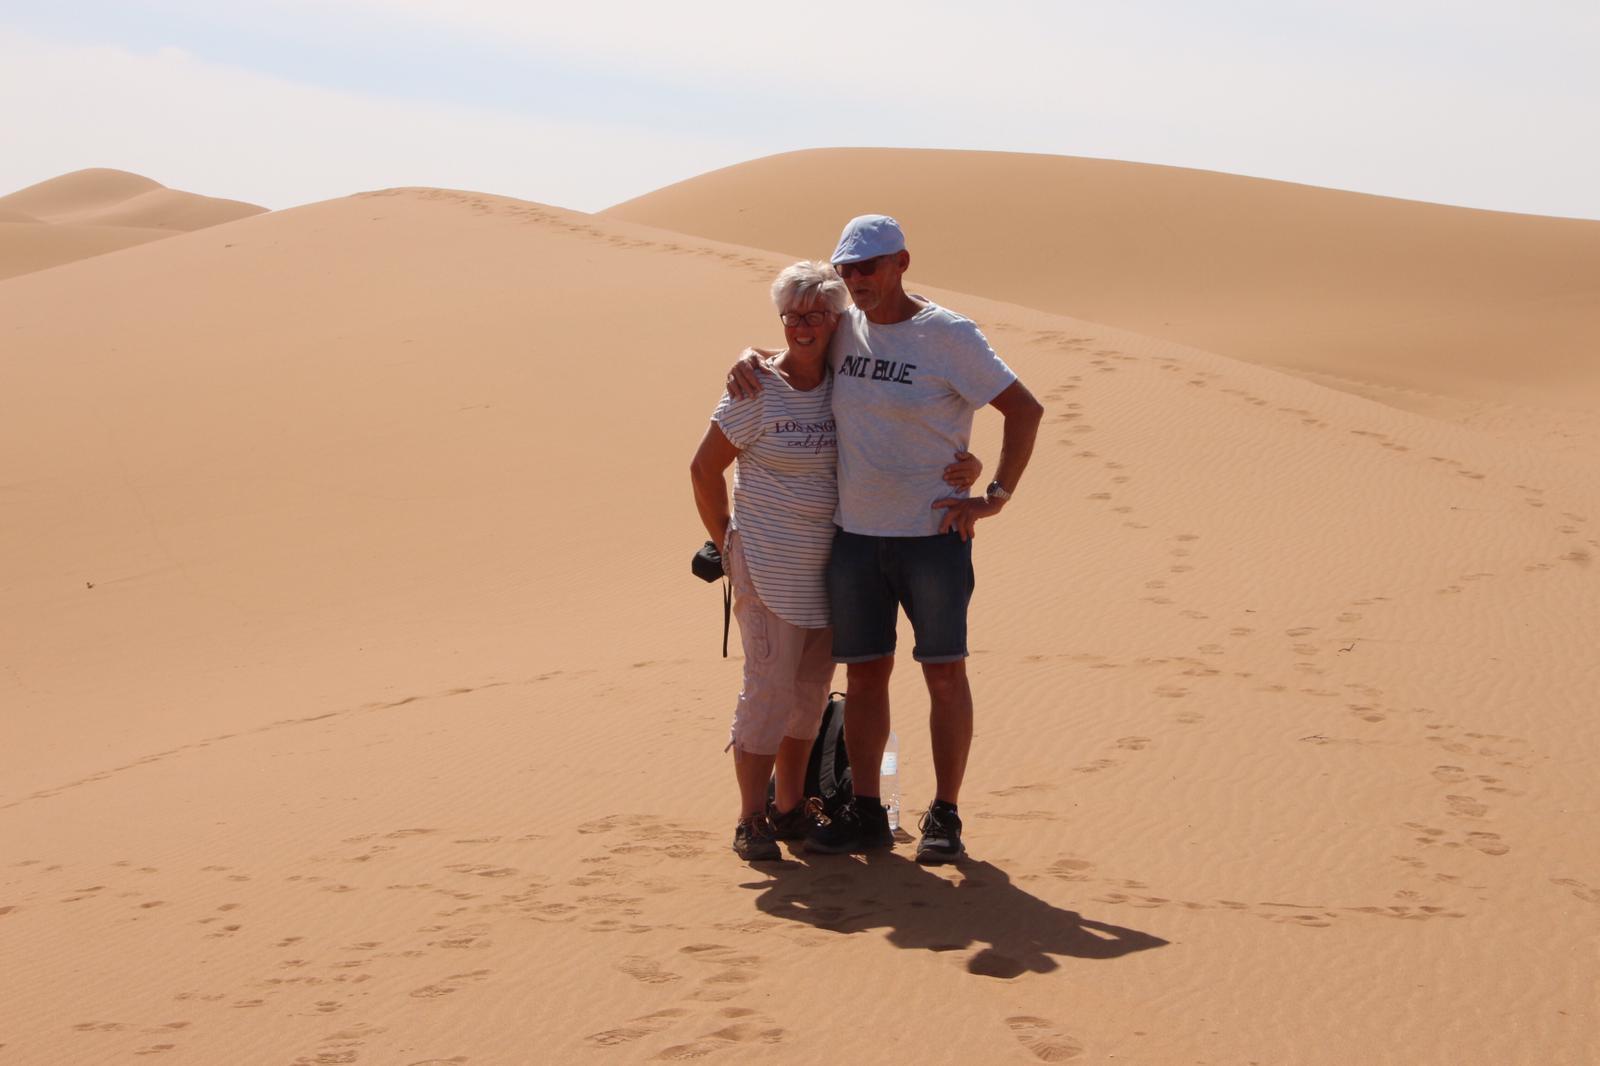 Heleen en Leo na twee maanden Marokko terug in 'heel andere wereld'